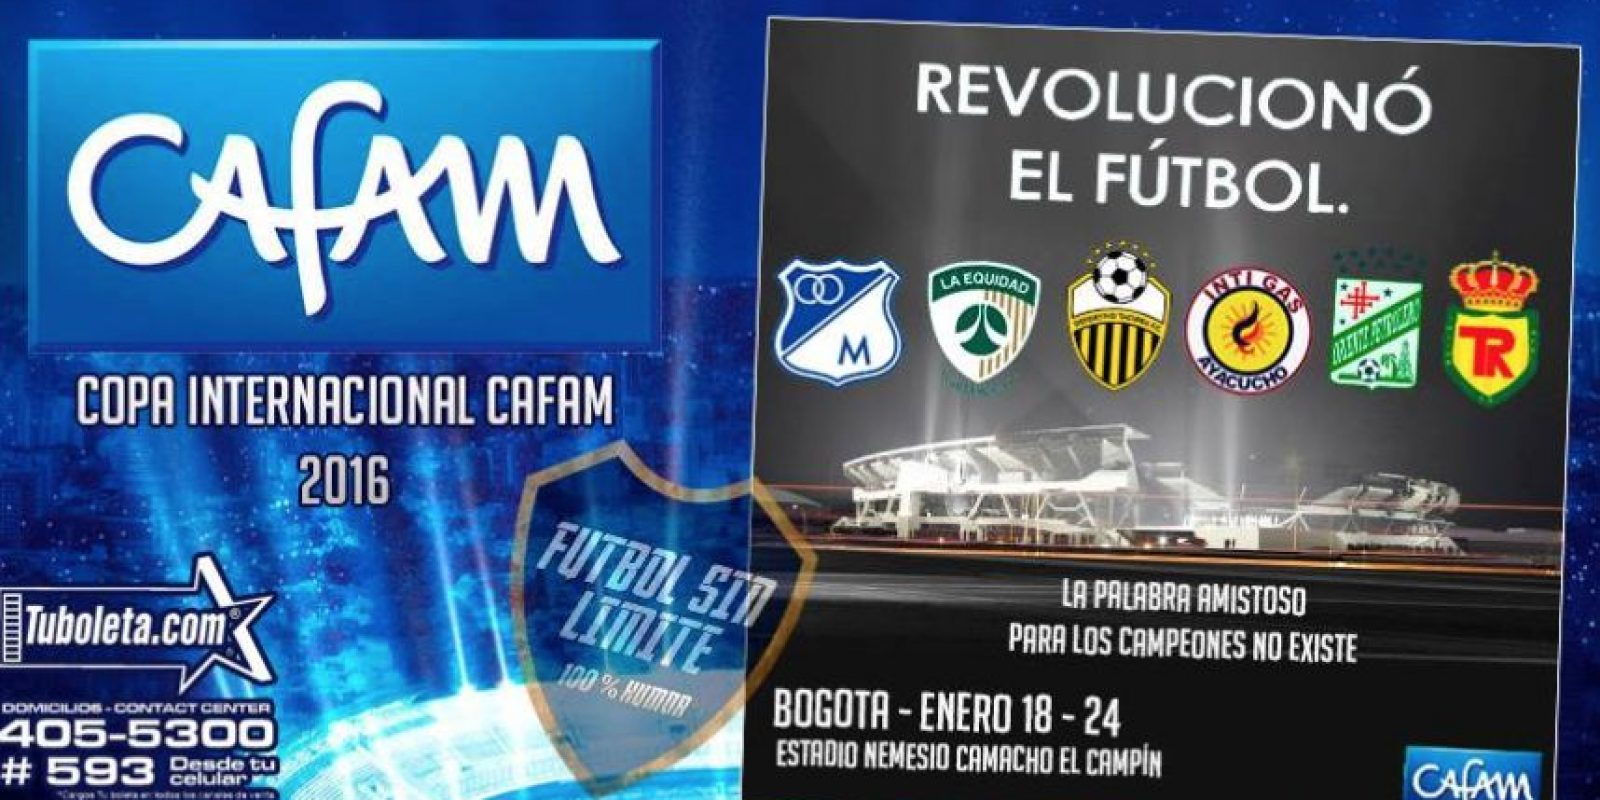 El anuncio de la falsa Copa Cafam. Foto:Facebook – Fútbol sin Límite